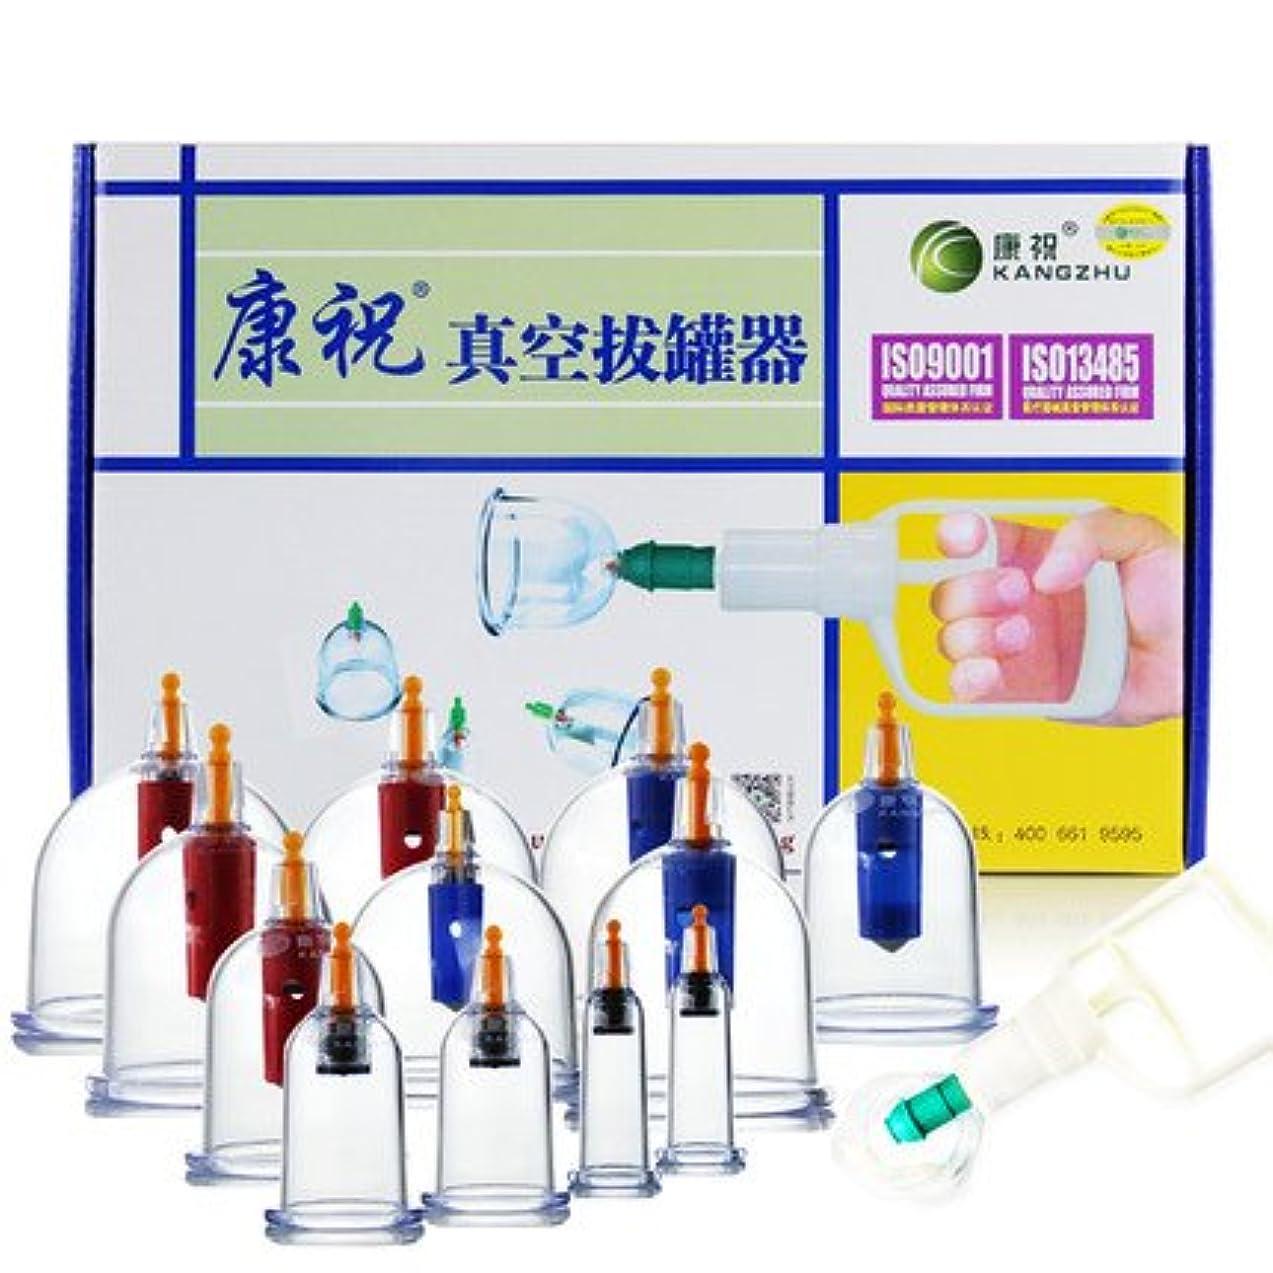 置くためにパックビュッフェ旅kangzhu 「新包装」カッピング cupping 吸い玉カップ 脂肪吸引 康祝 KANGZHU 6種 12個カップ 自宅エステ アンチエイジングに B12